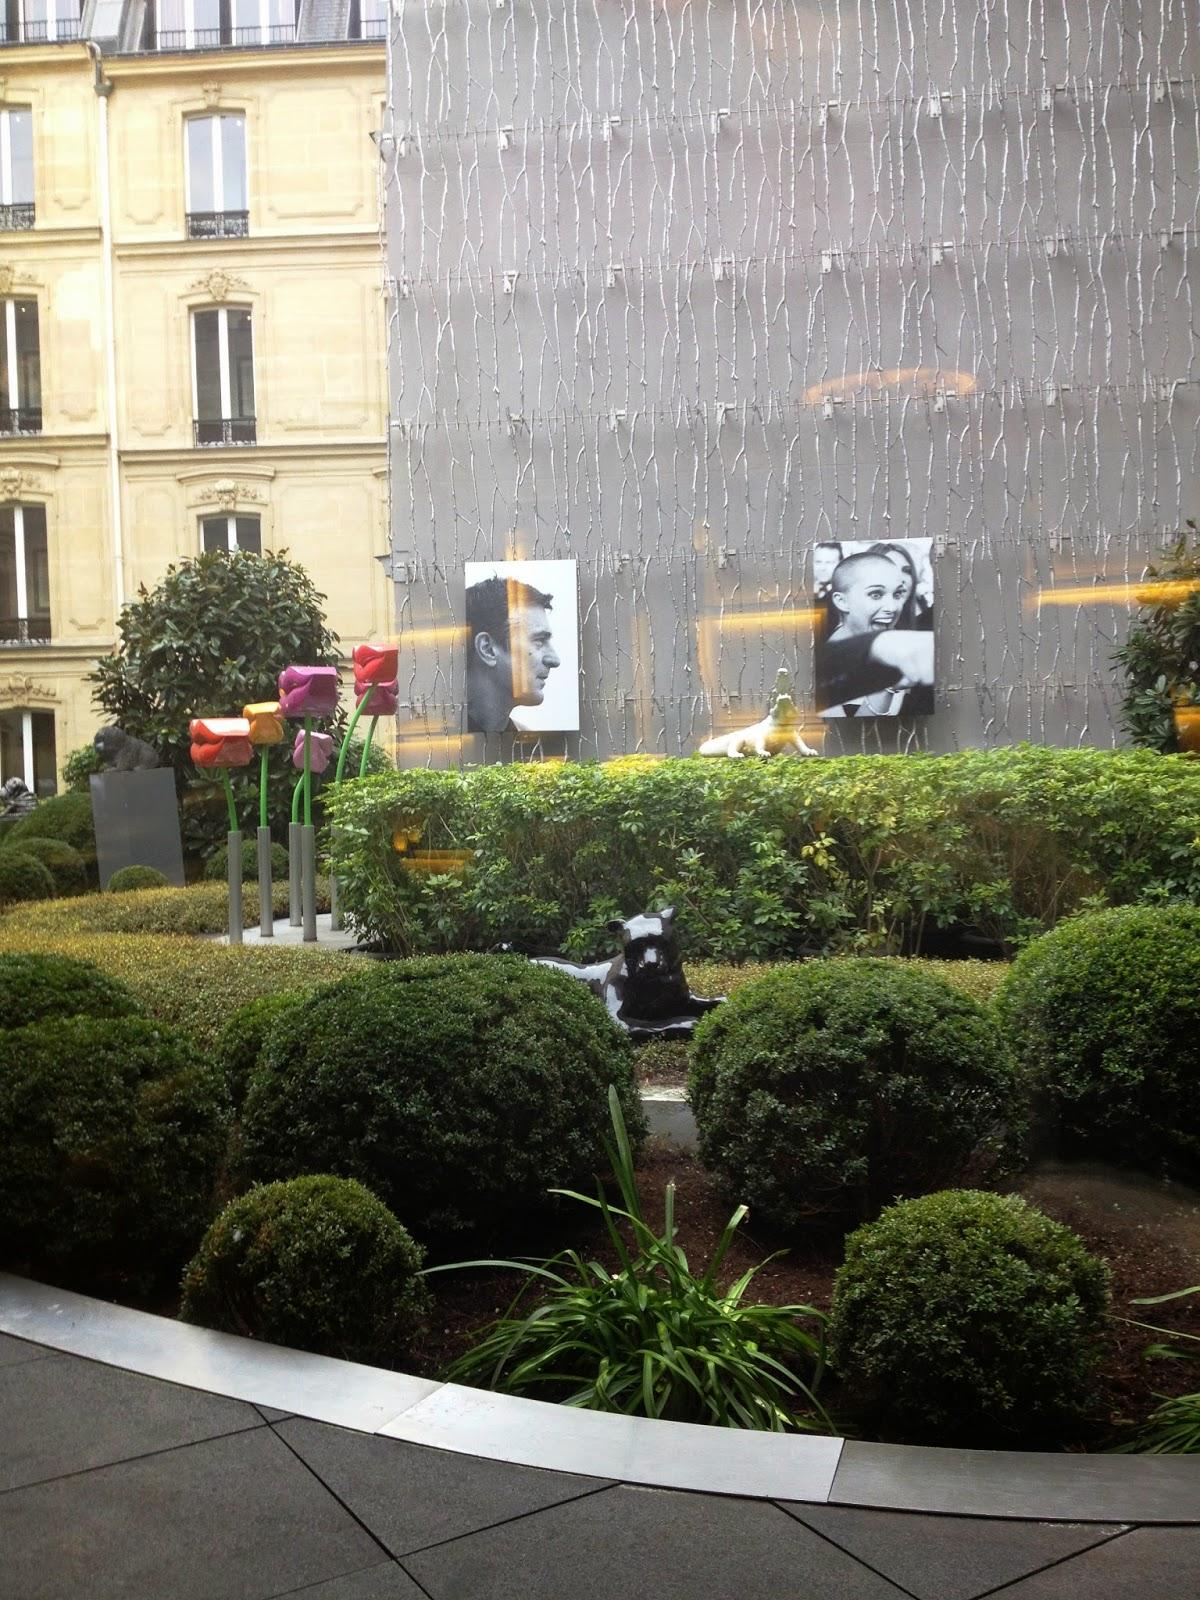 Globeshoppeuse-Galerie-Joy-Fouquets-Paris